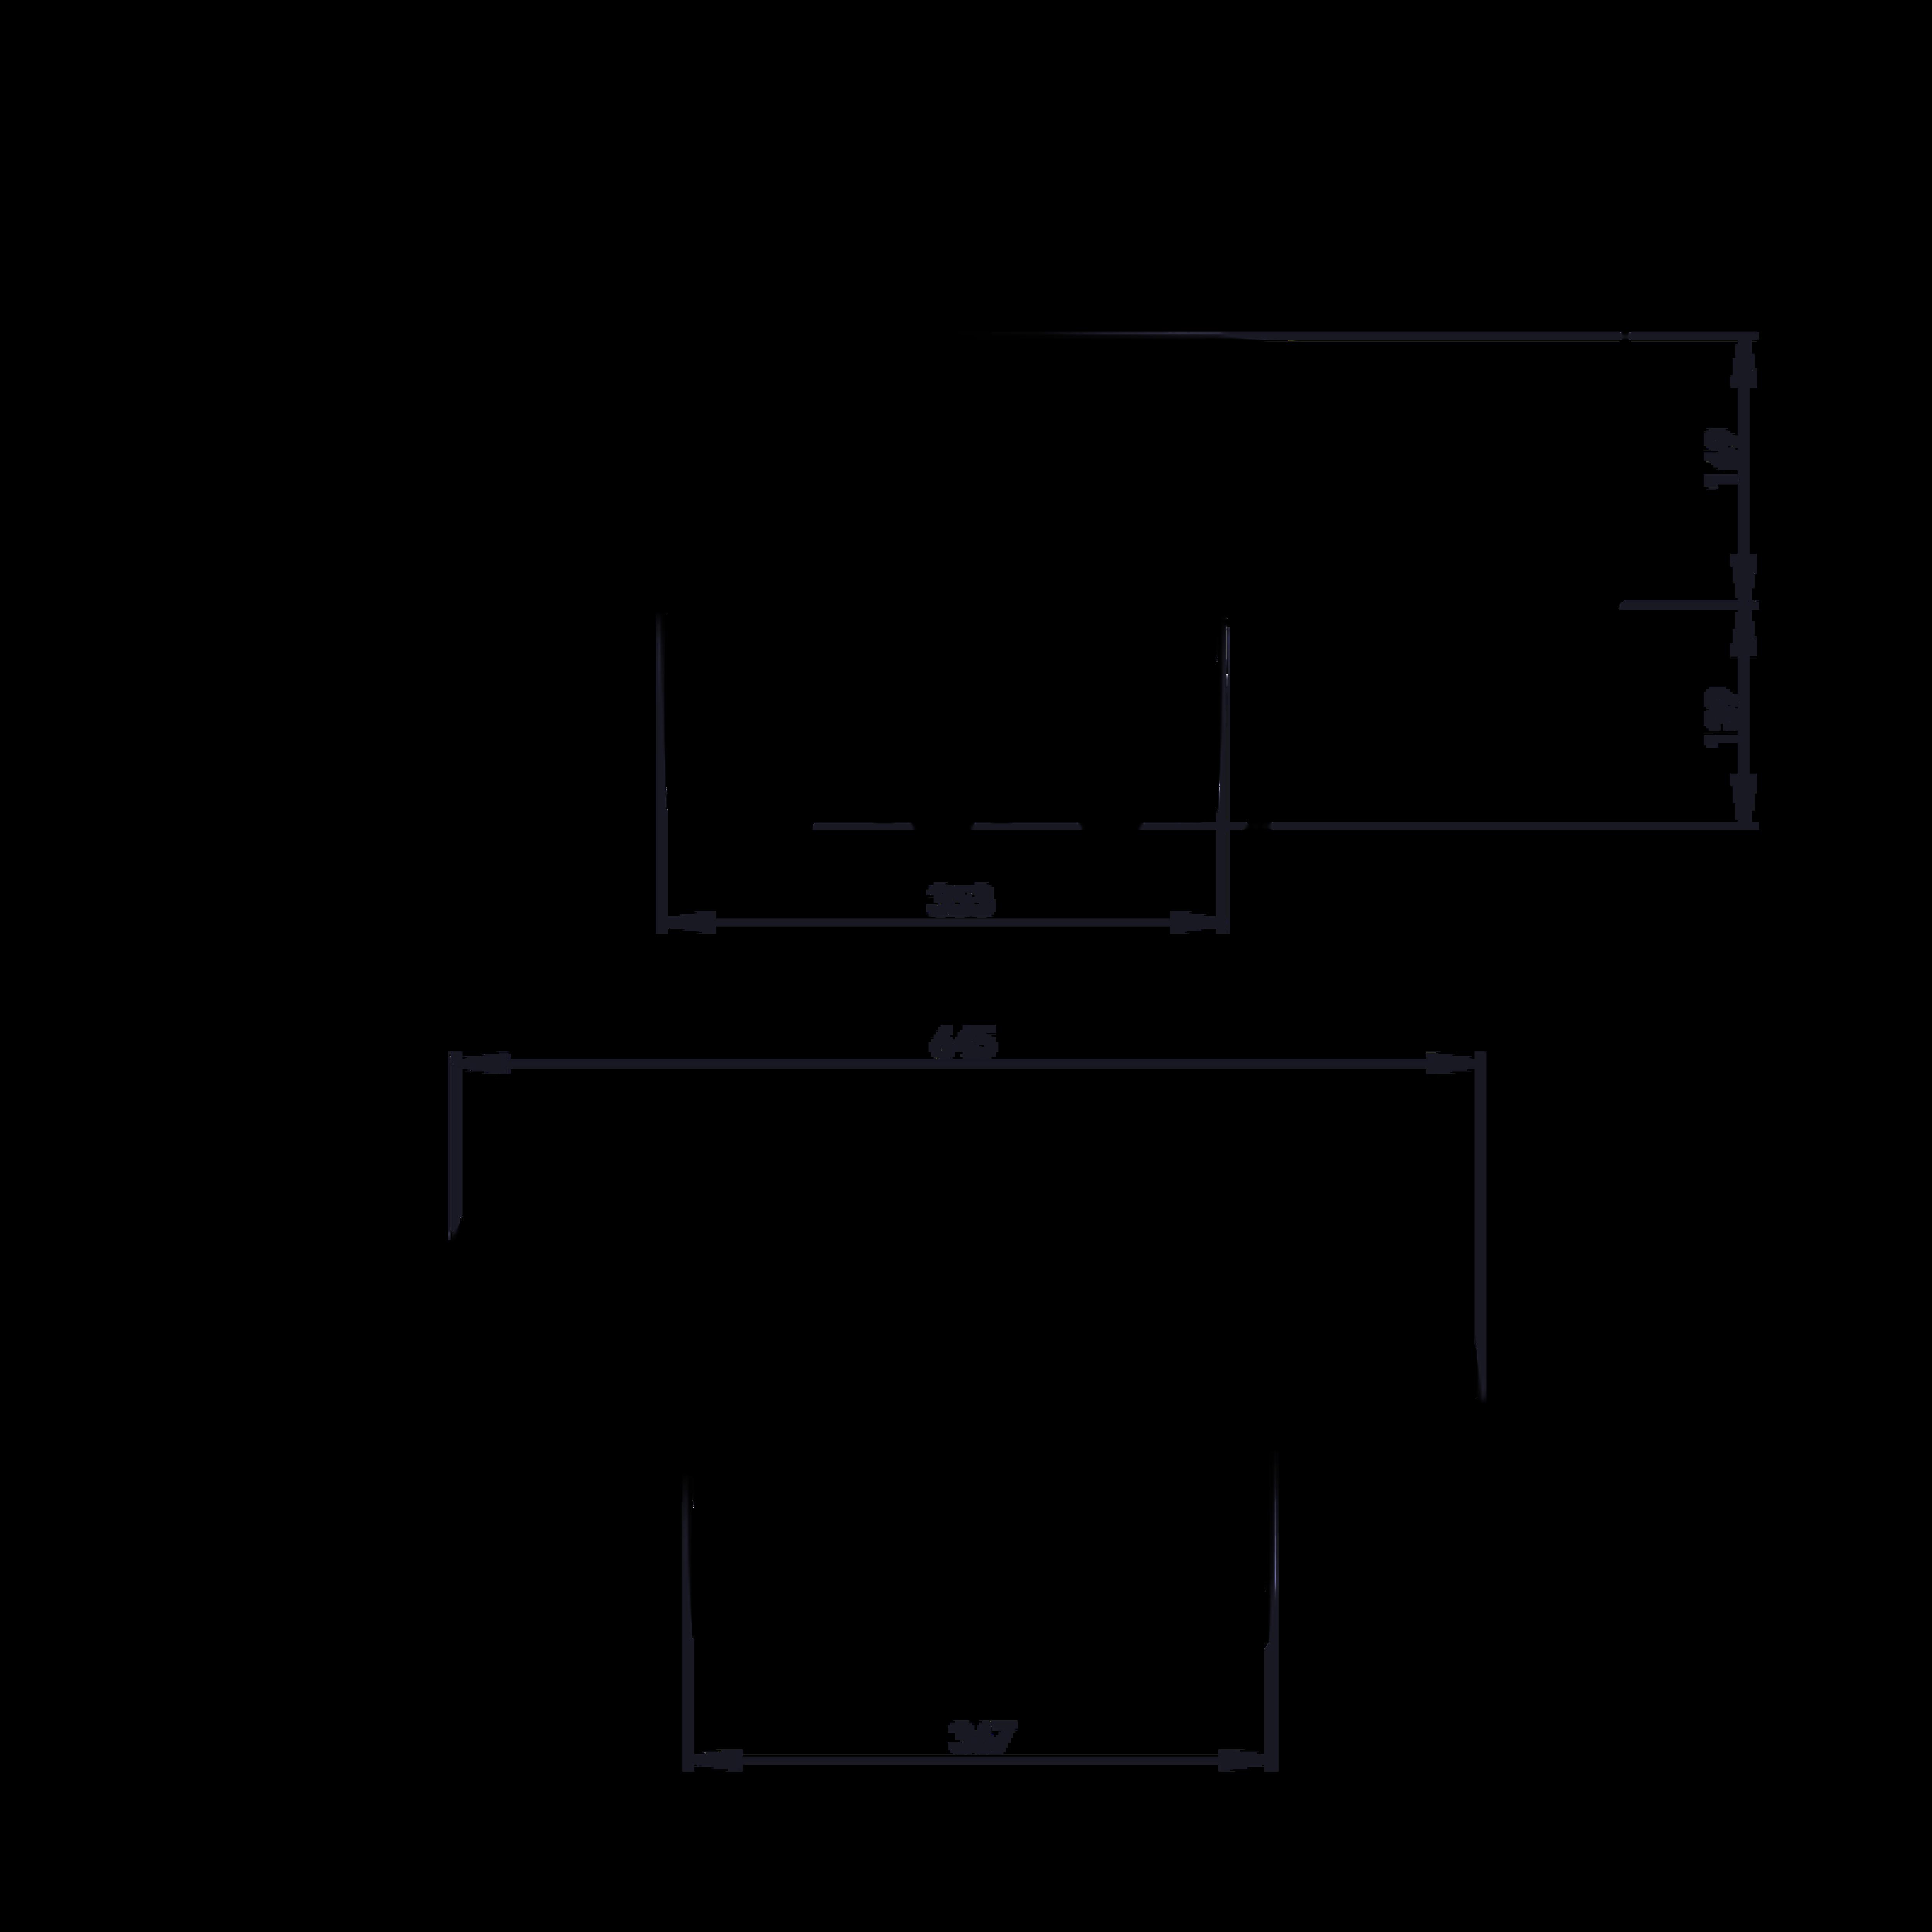 RTX Dimensions